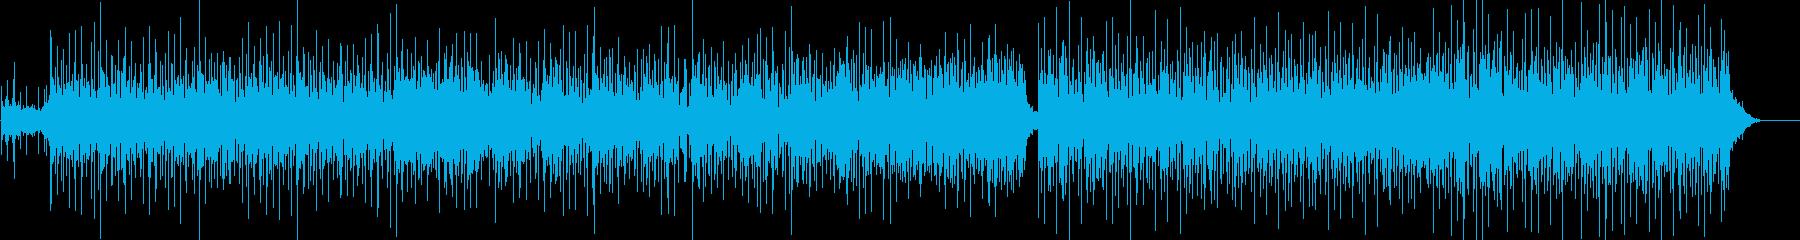 ダウンテンポのリズムを備えたトリッ...の再生済みの波形